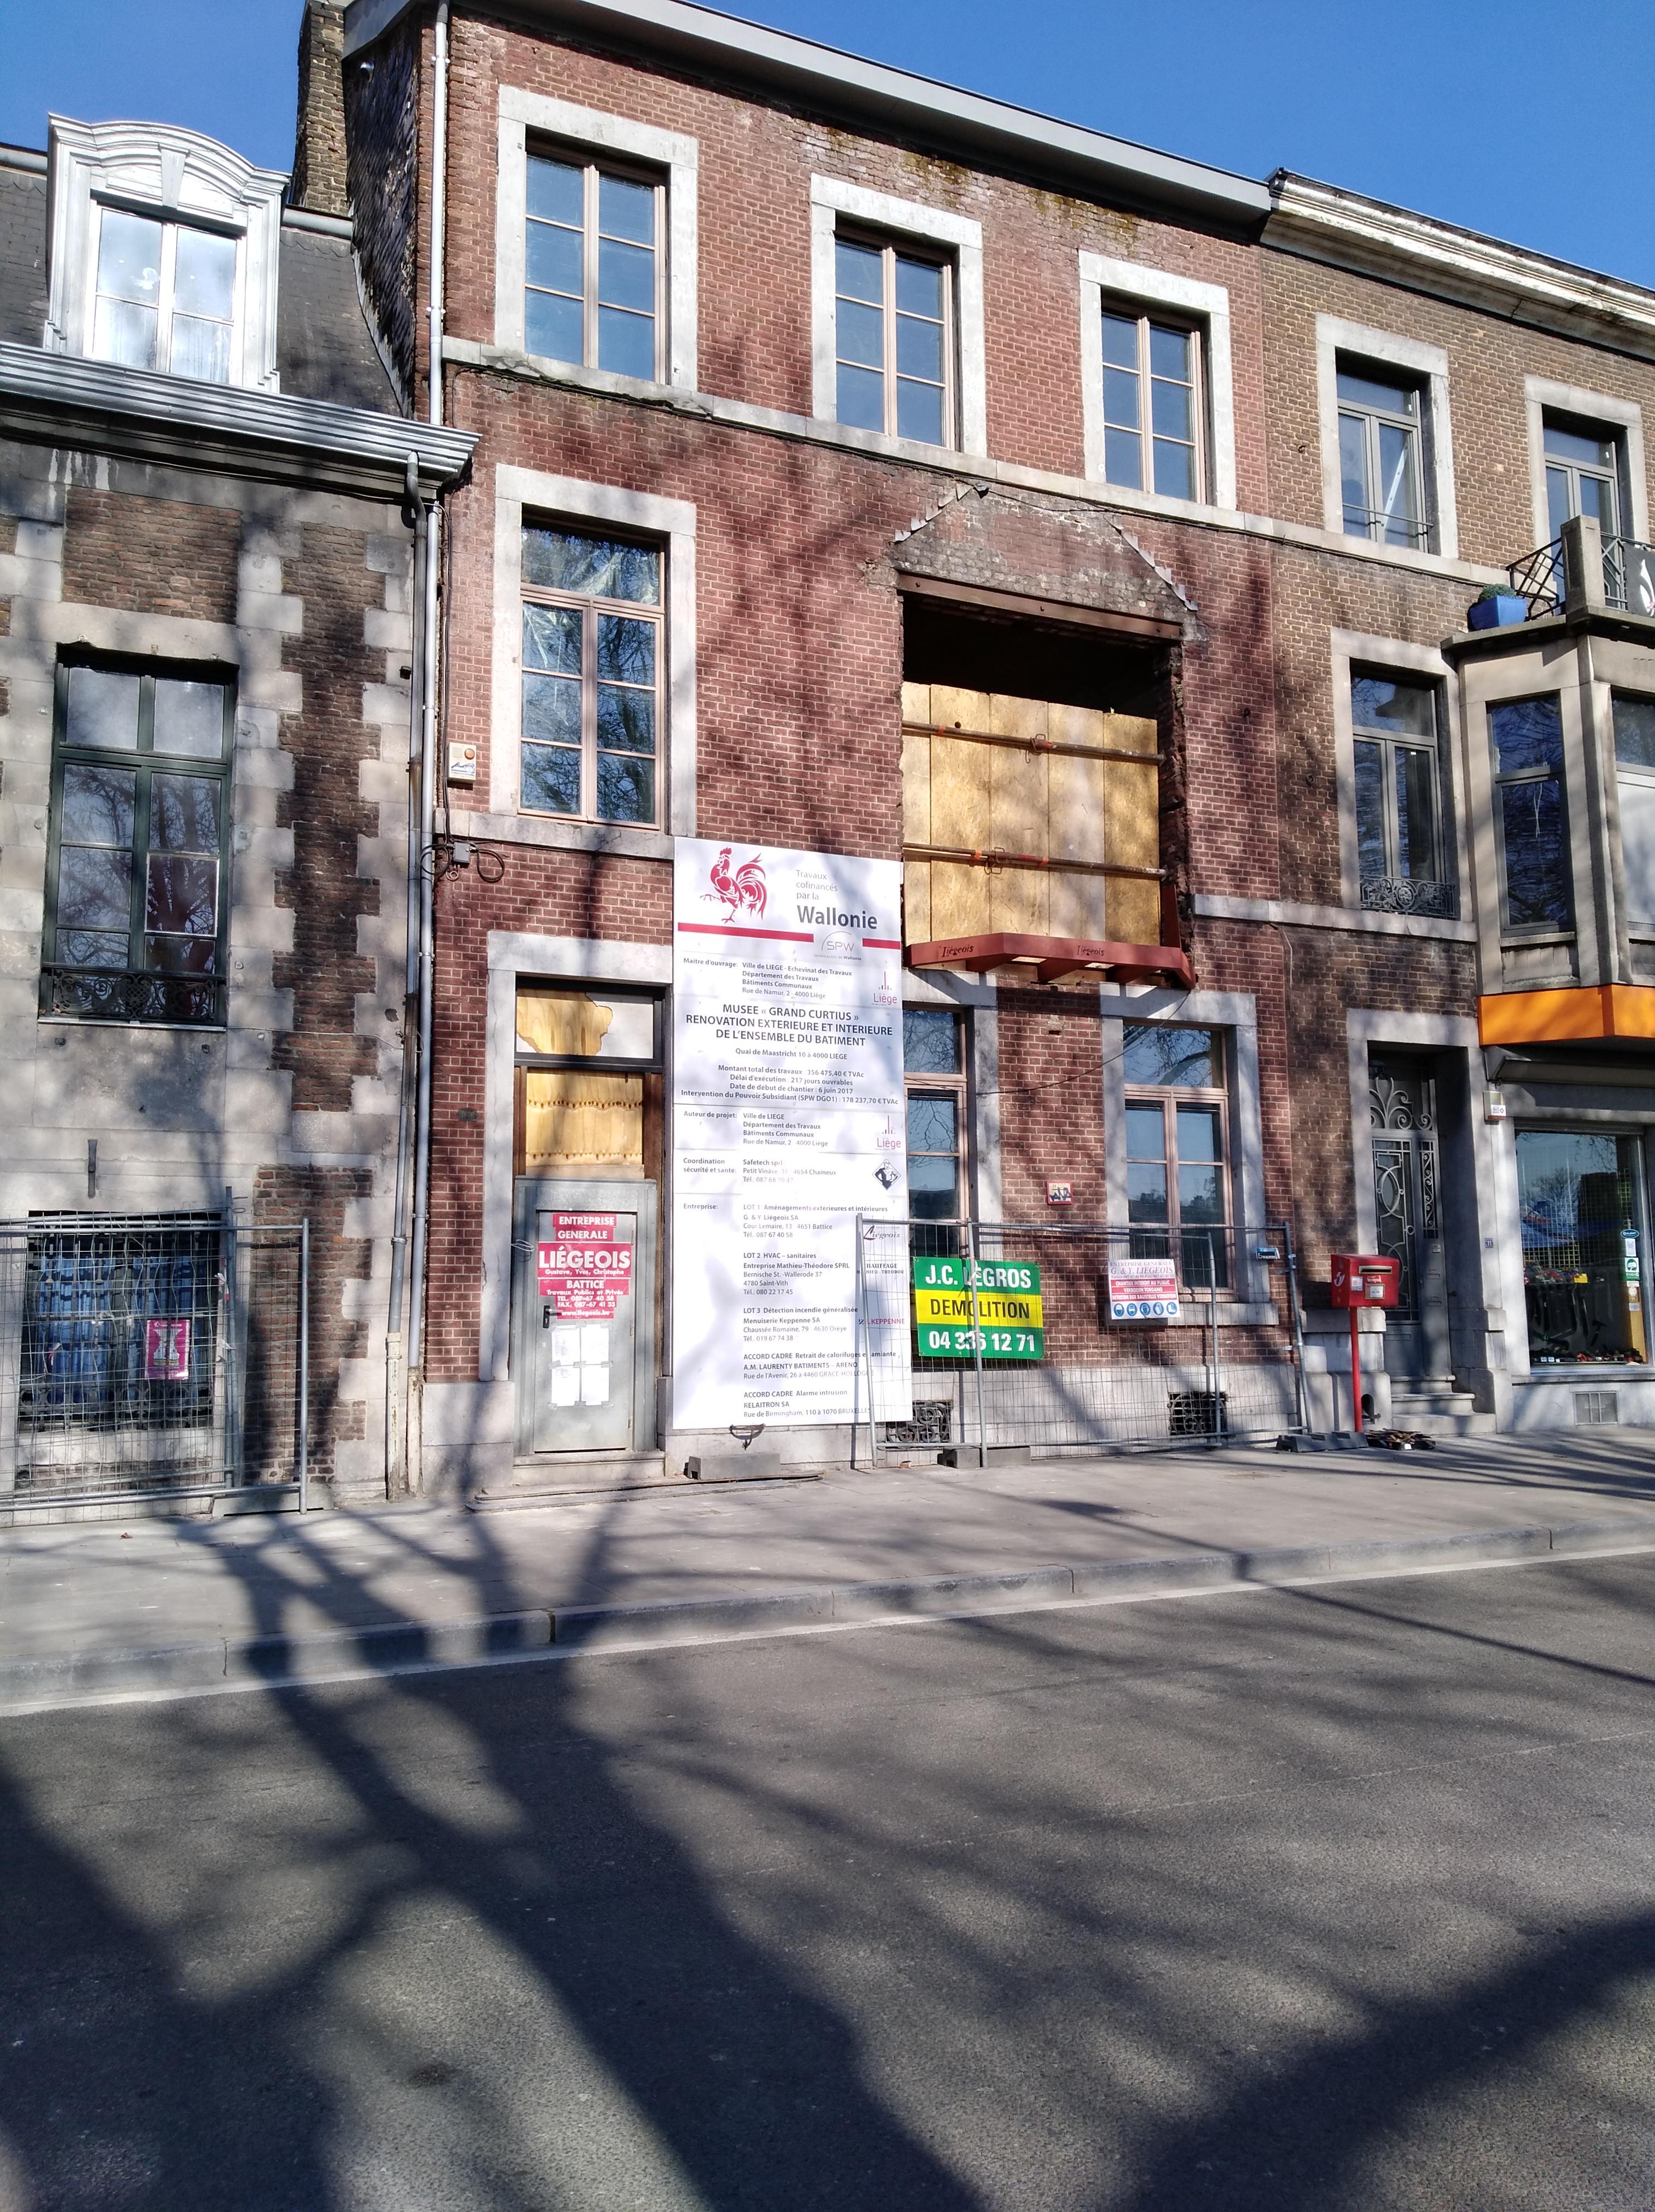 Entreprise Generale De Batiment 77 file:quai de maestricht (2) - wikimedia commons